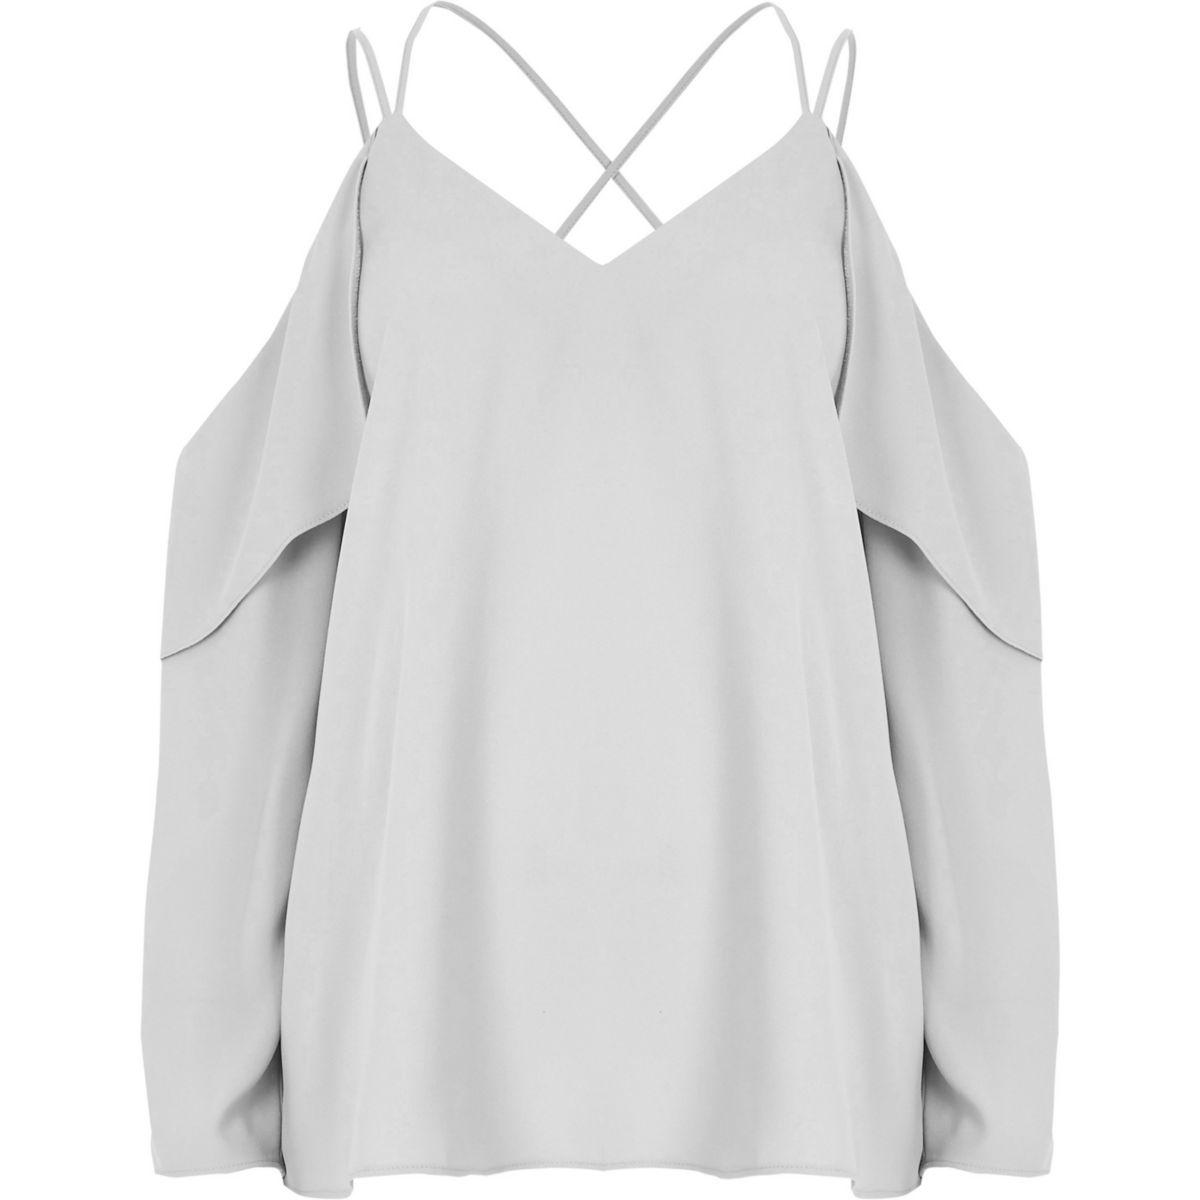 Graue Bluse mit Schulterausschnitten